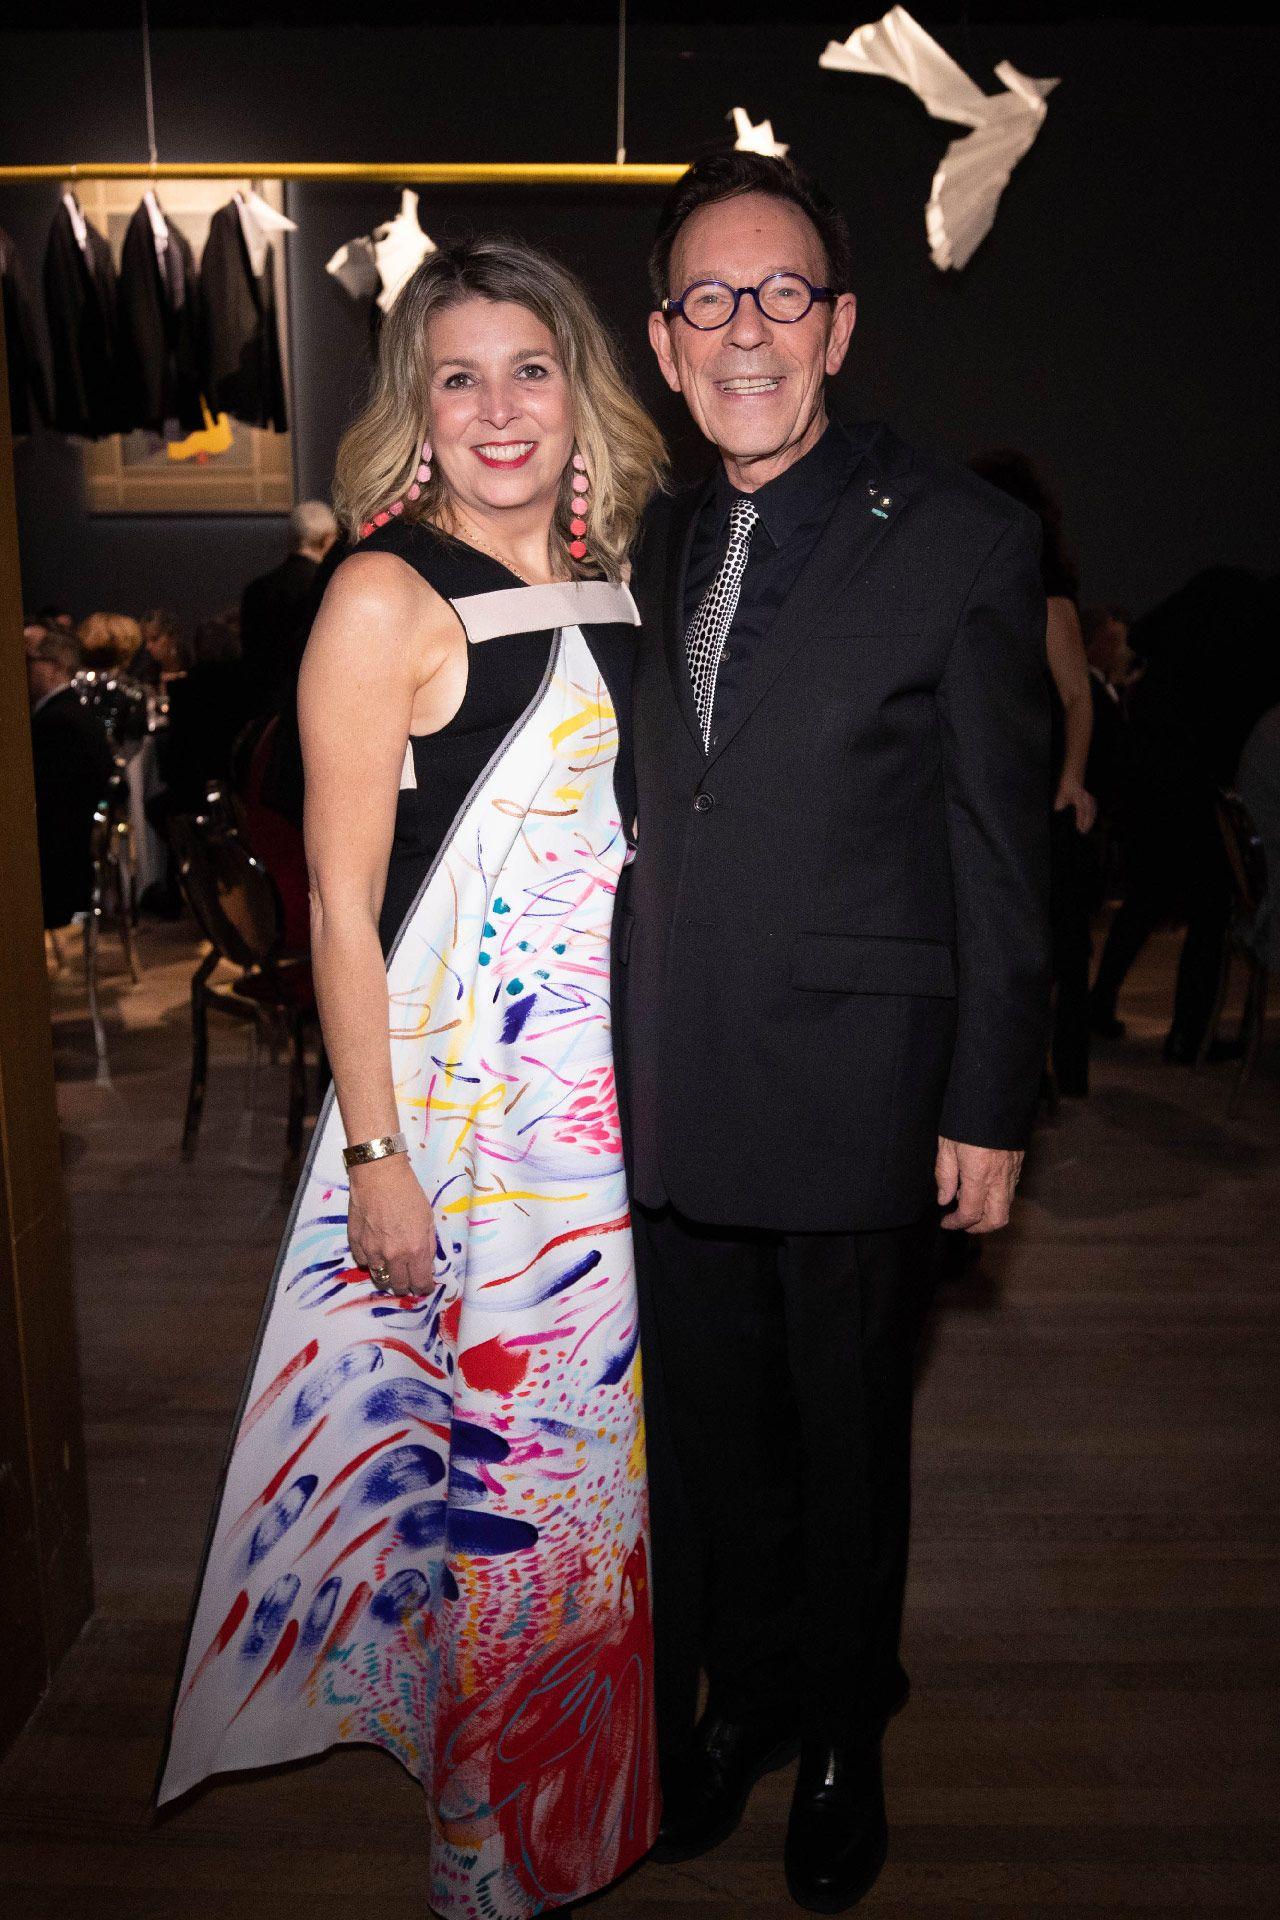 Michel de la Chenelière and Elizabeth-Ann Doyle. Photo © Jimmy Hamelin